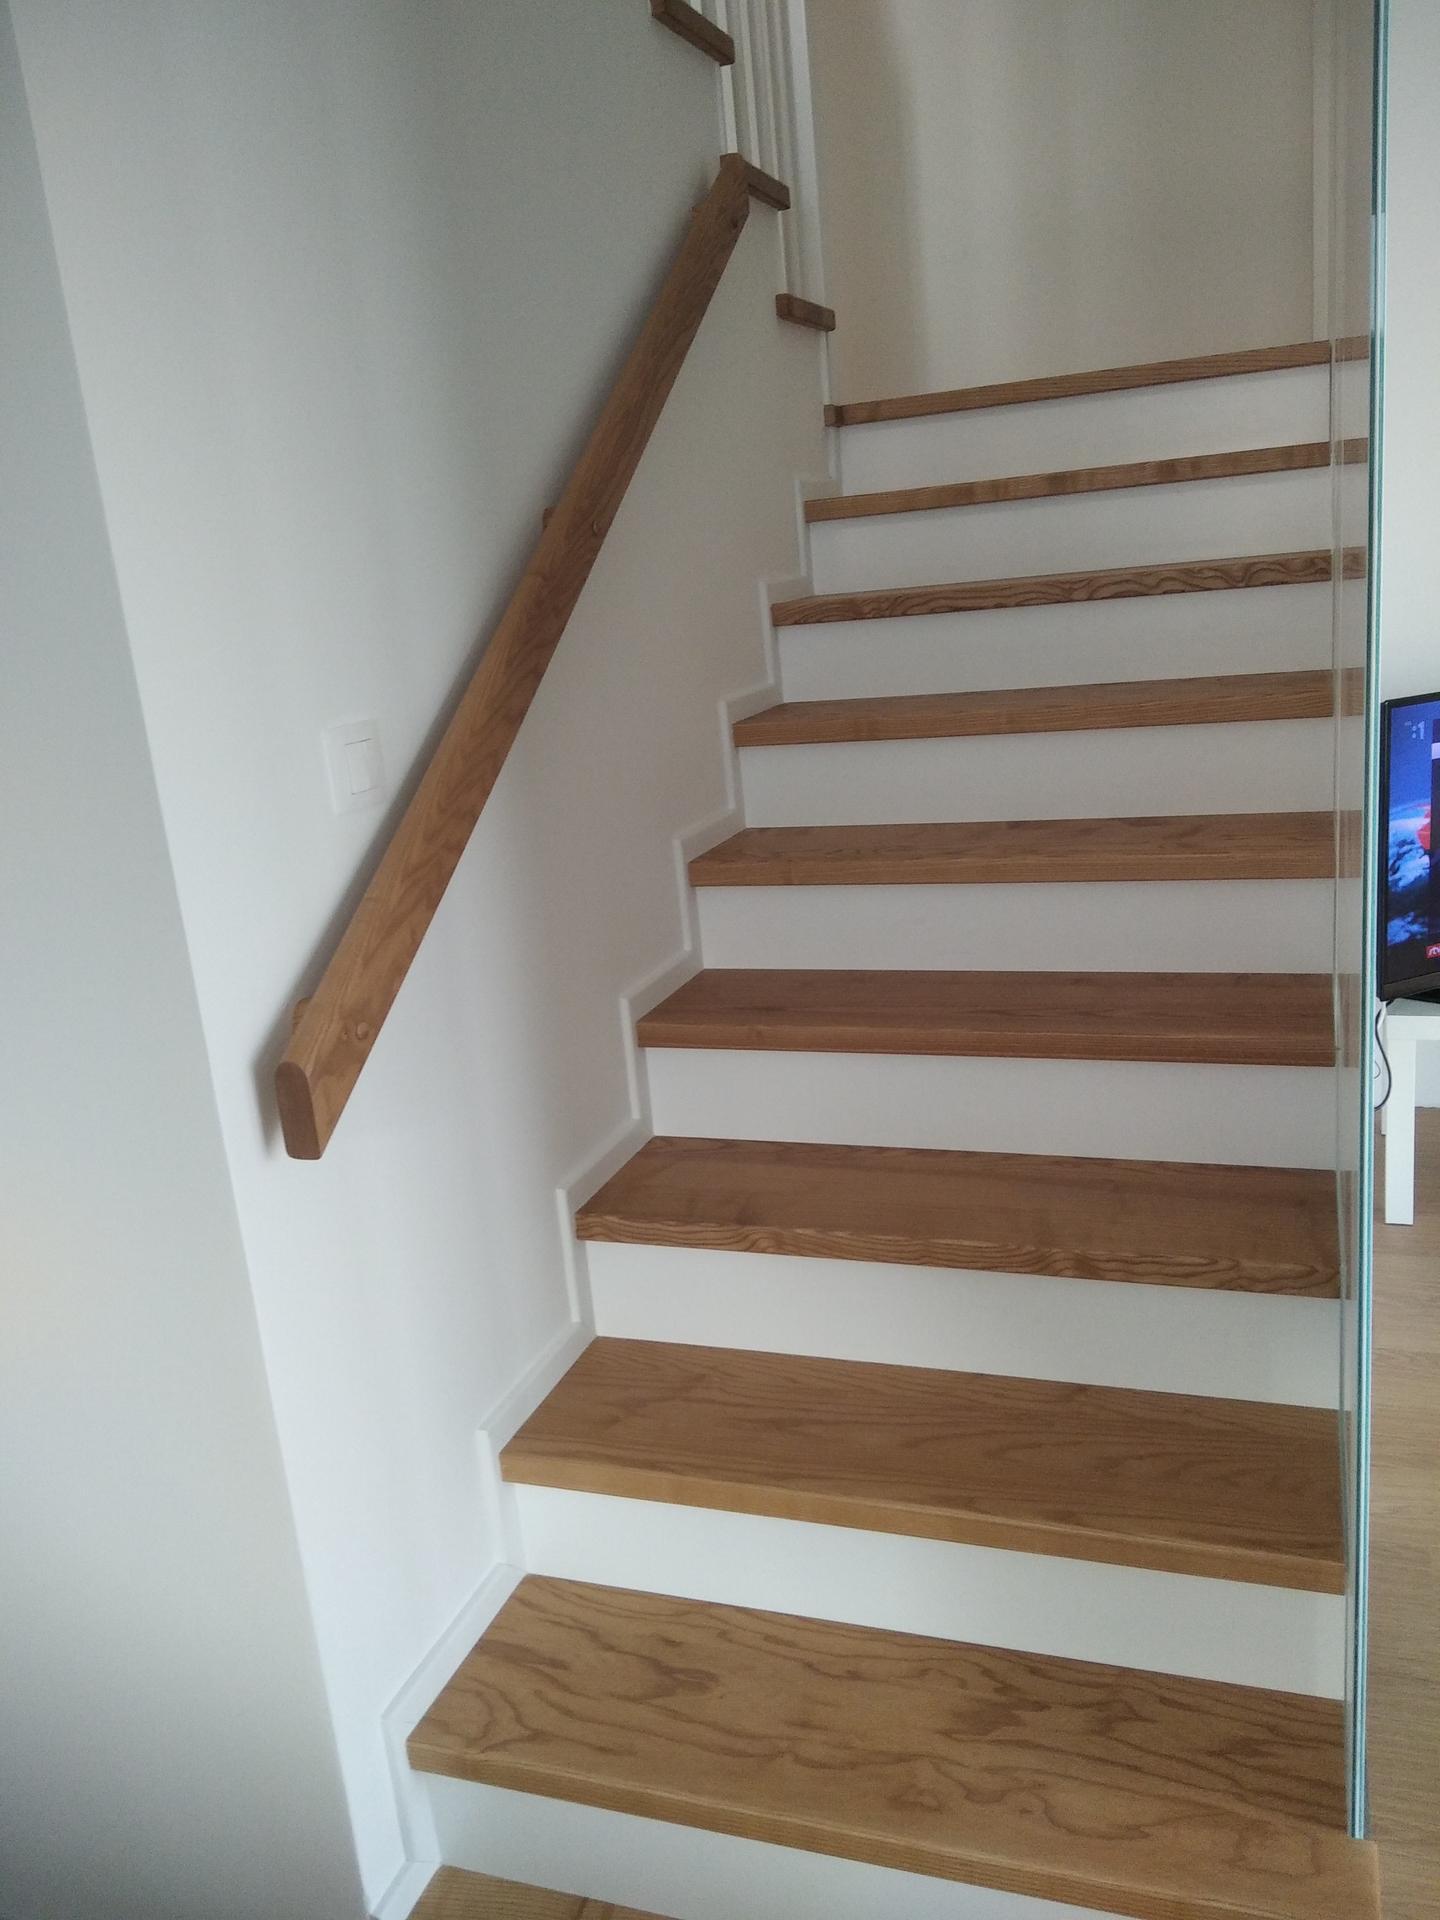 výroba drevených schodov a zábradlia na mieru - Obrázok č. 1